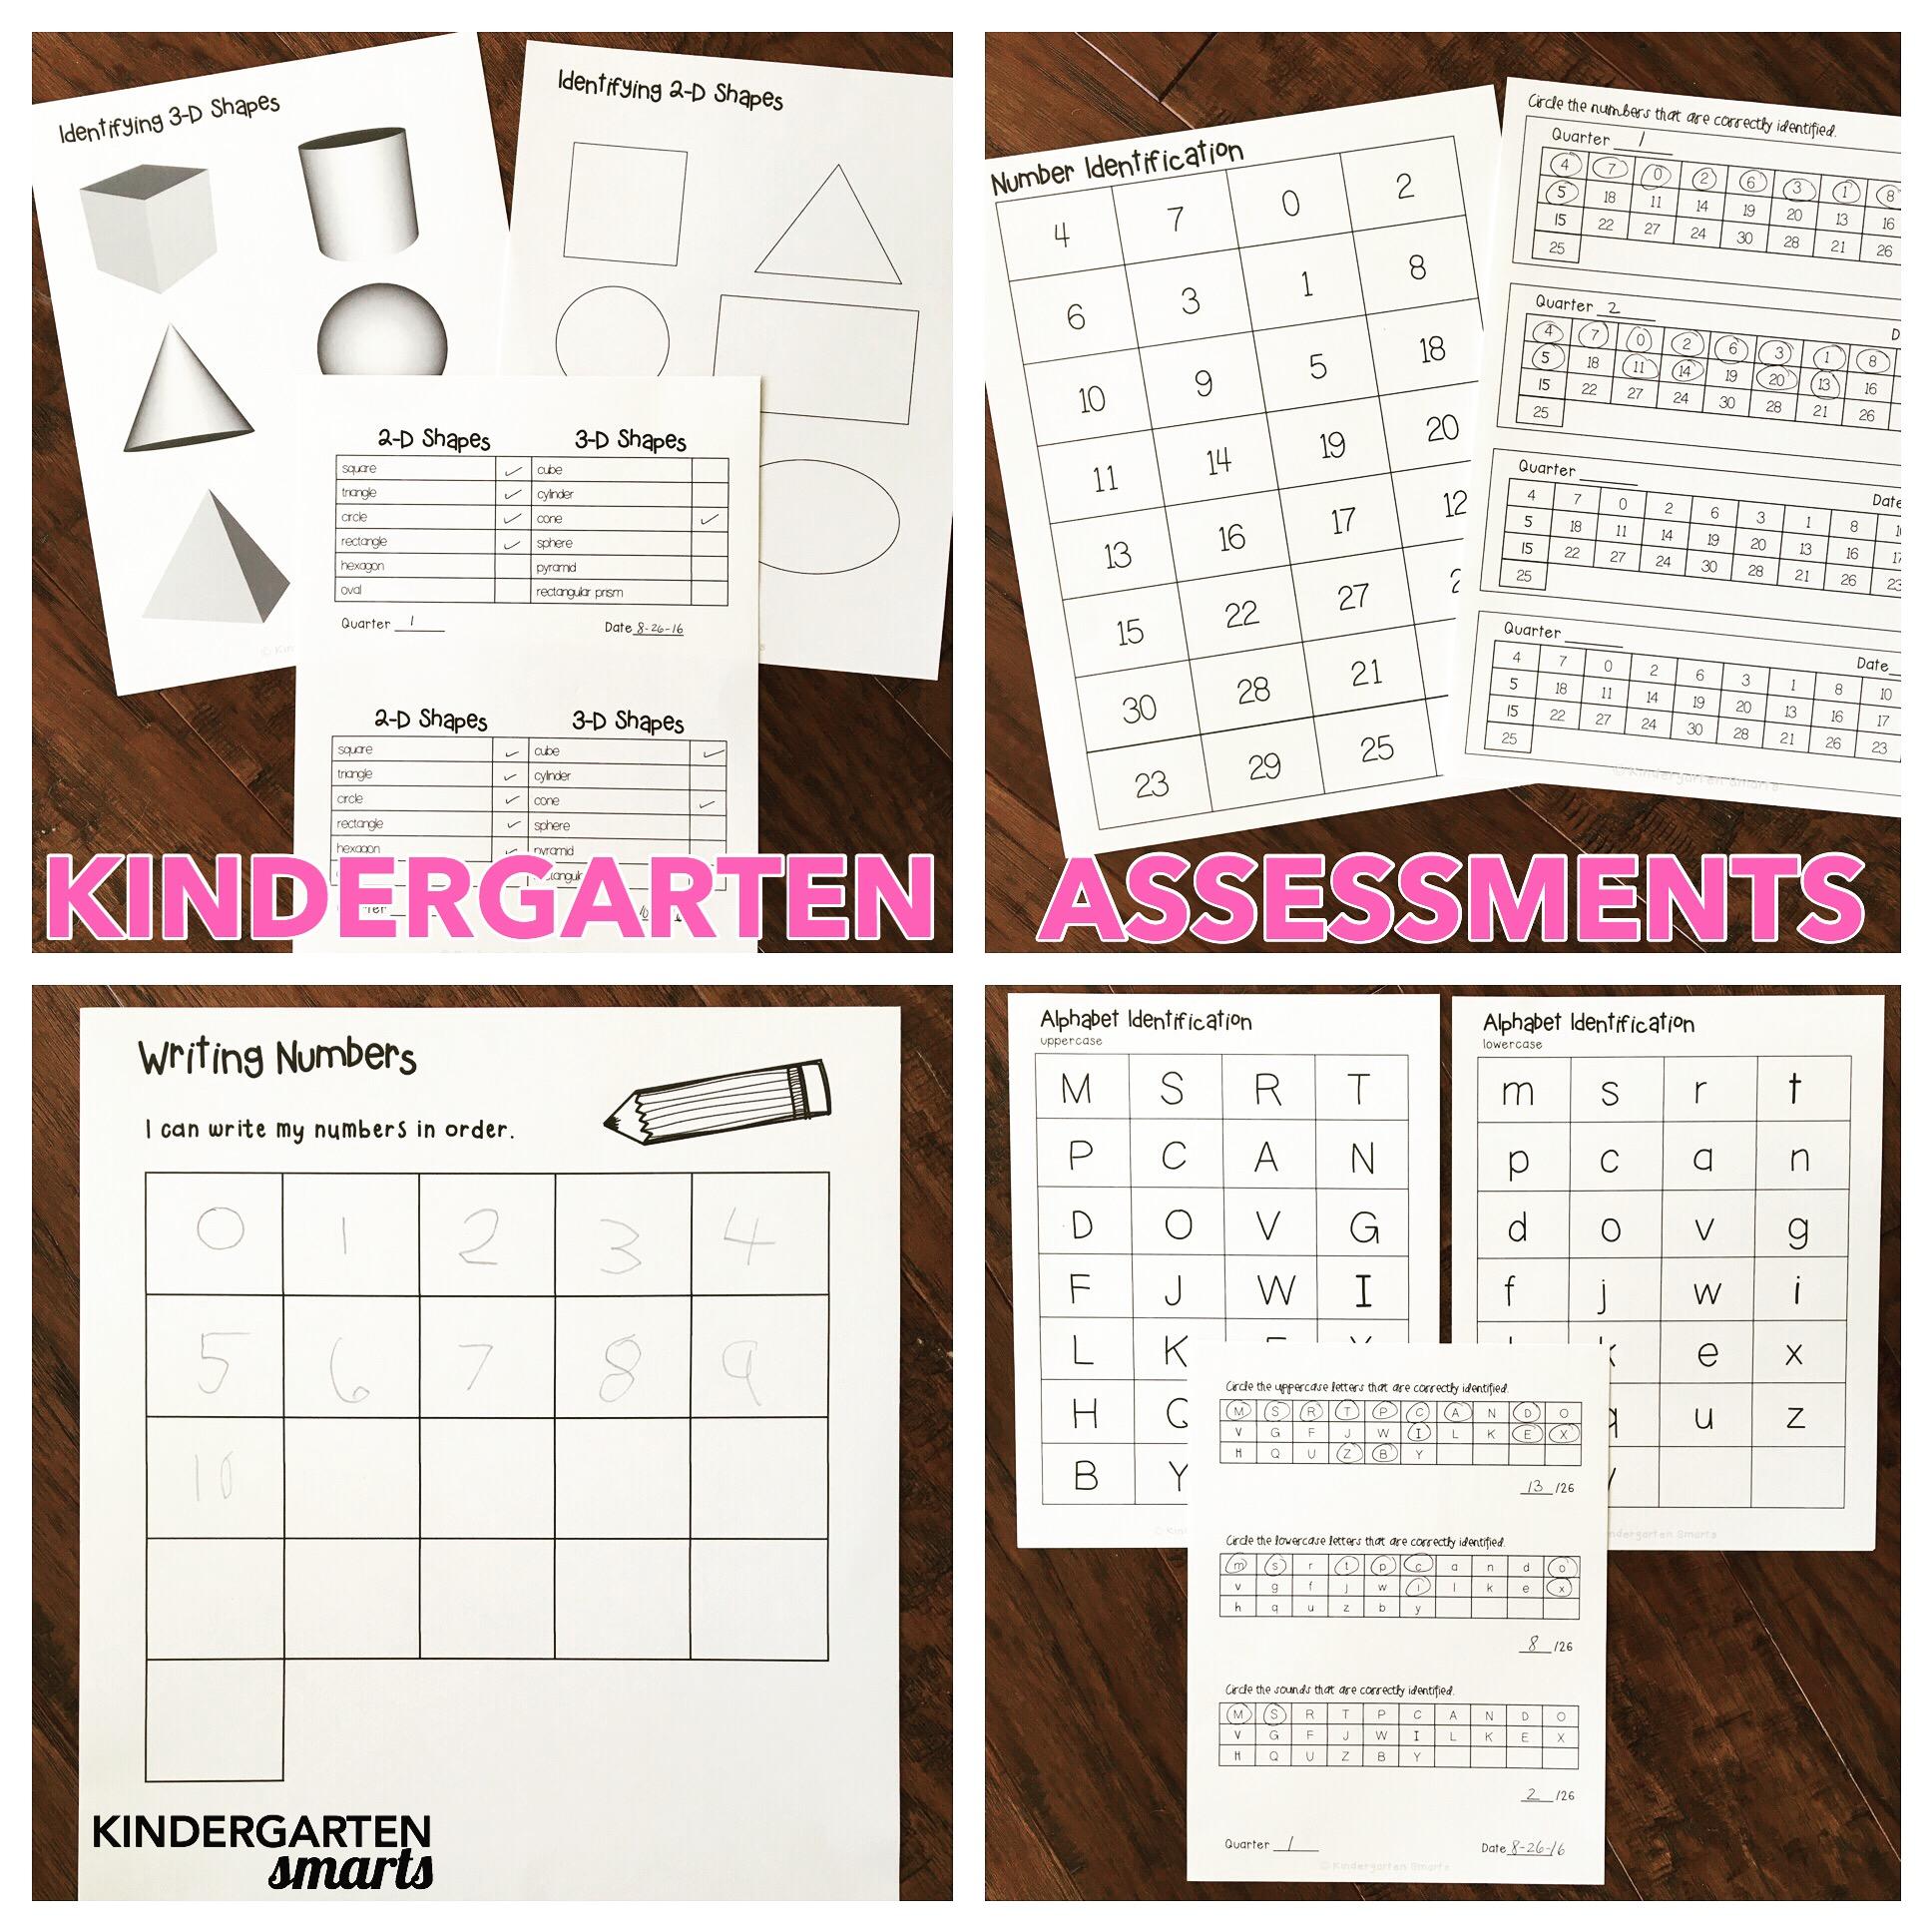 kinder assessments